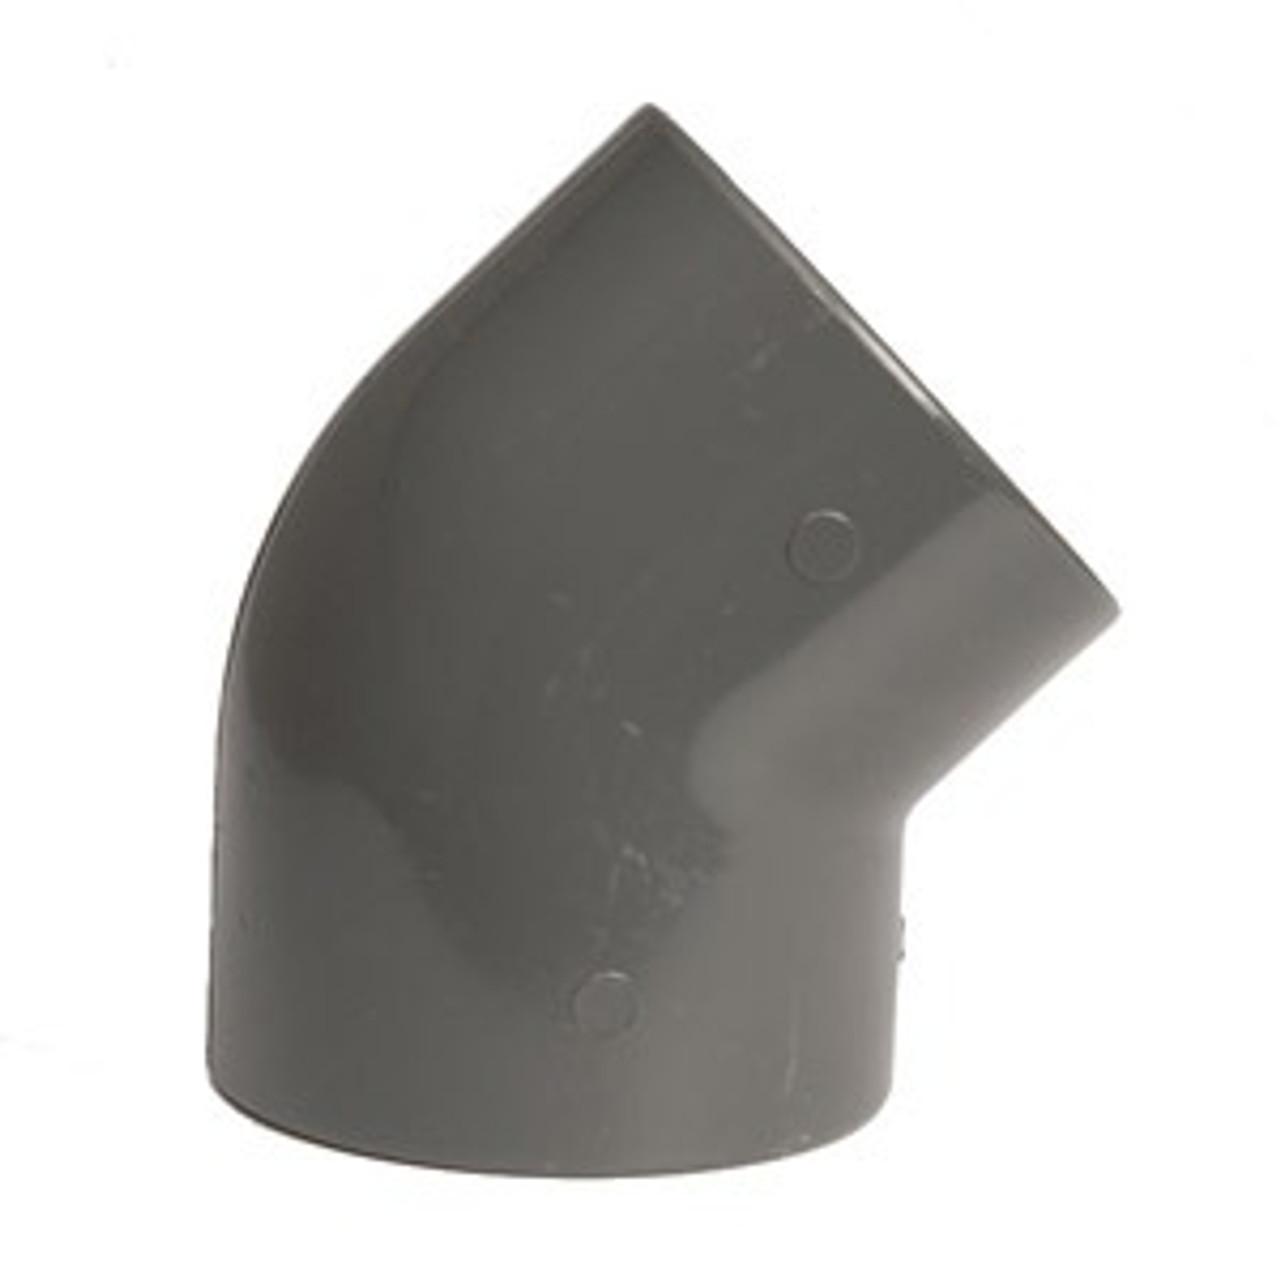 +GF+ | Elbow 45 PVC-U  32mm (721150108)